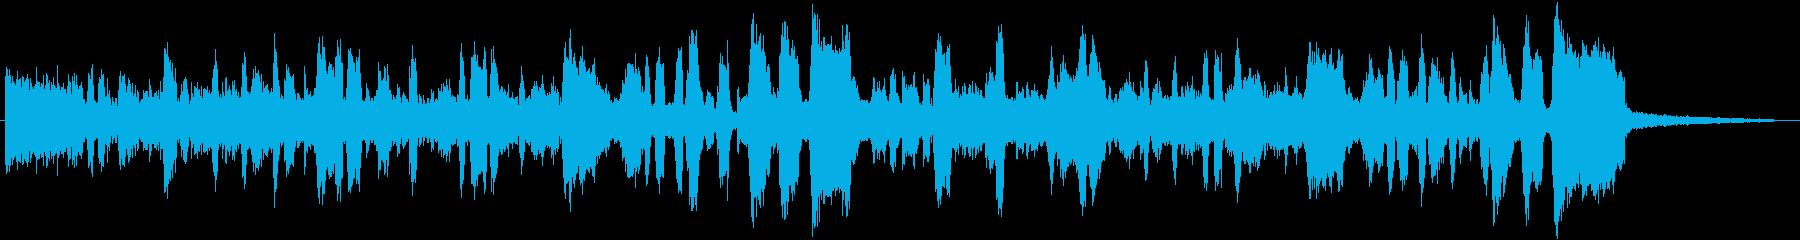 ししゃもをテーマにした作品の再生済みの波形